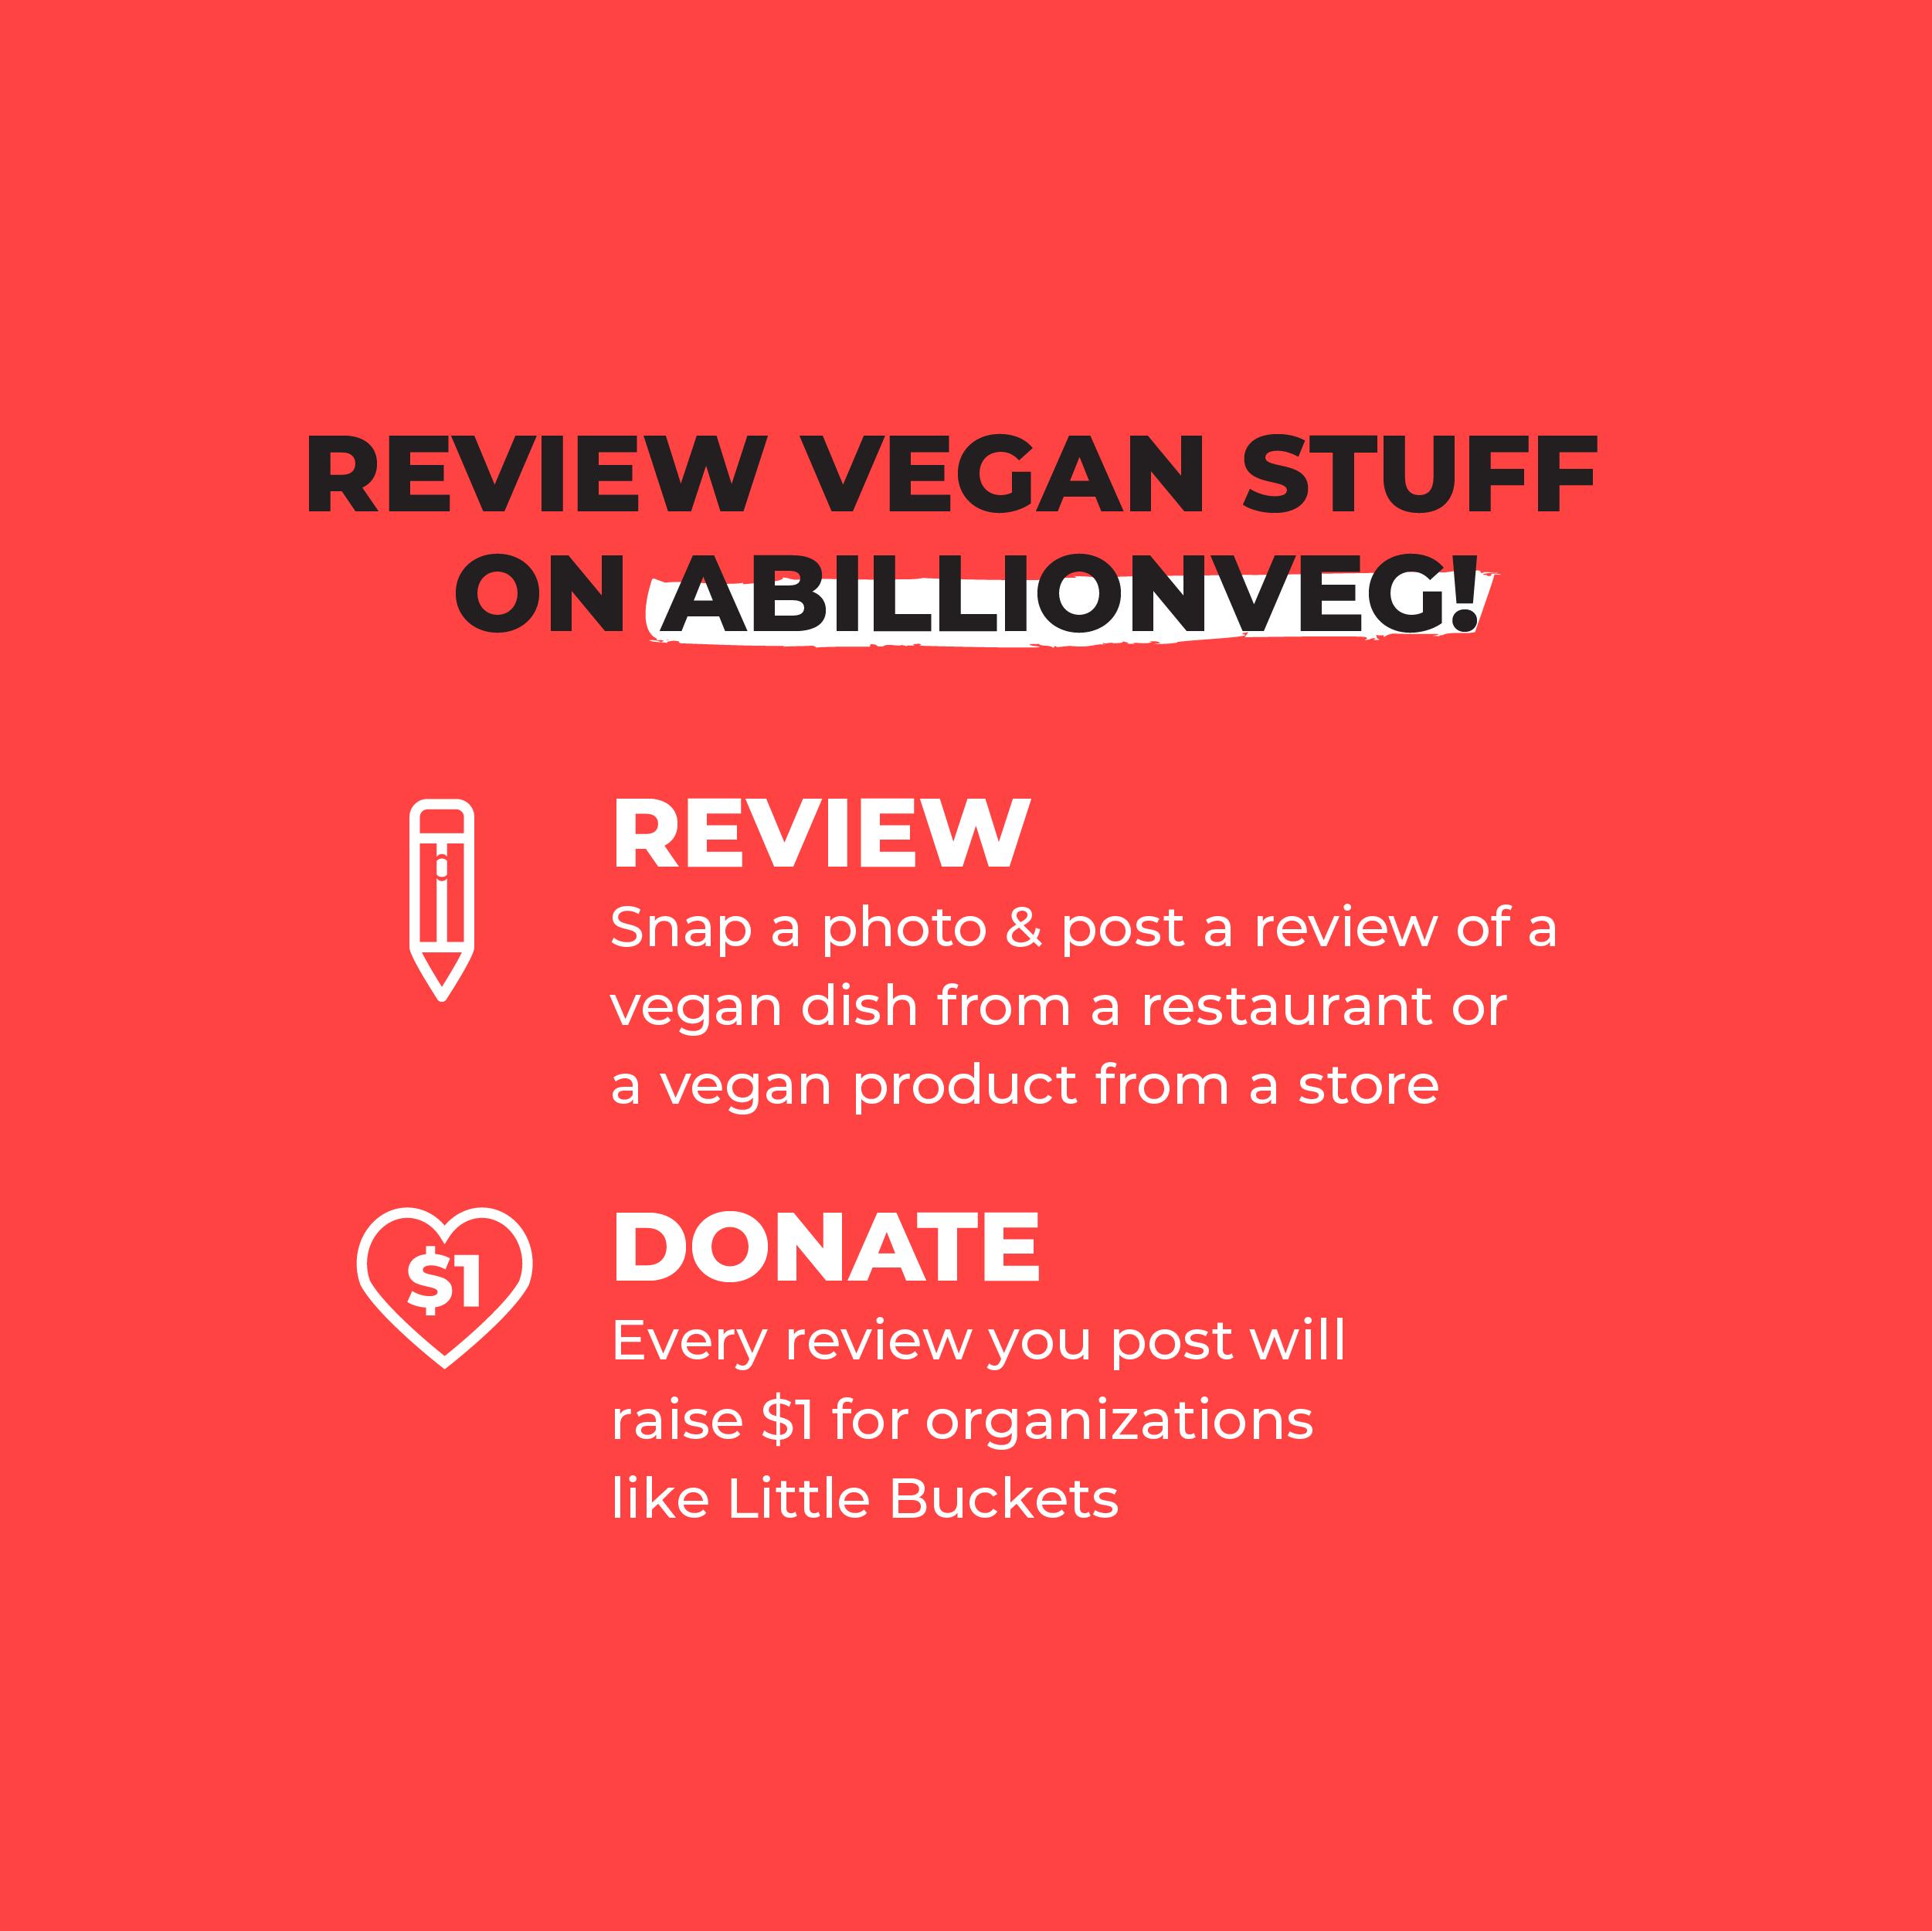 Abillionveg App